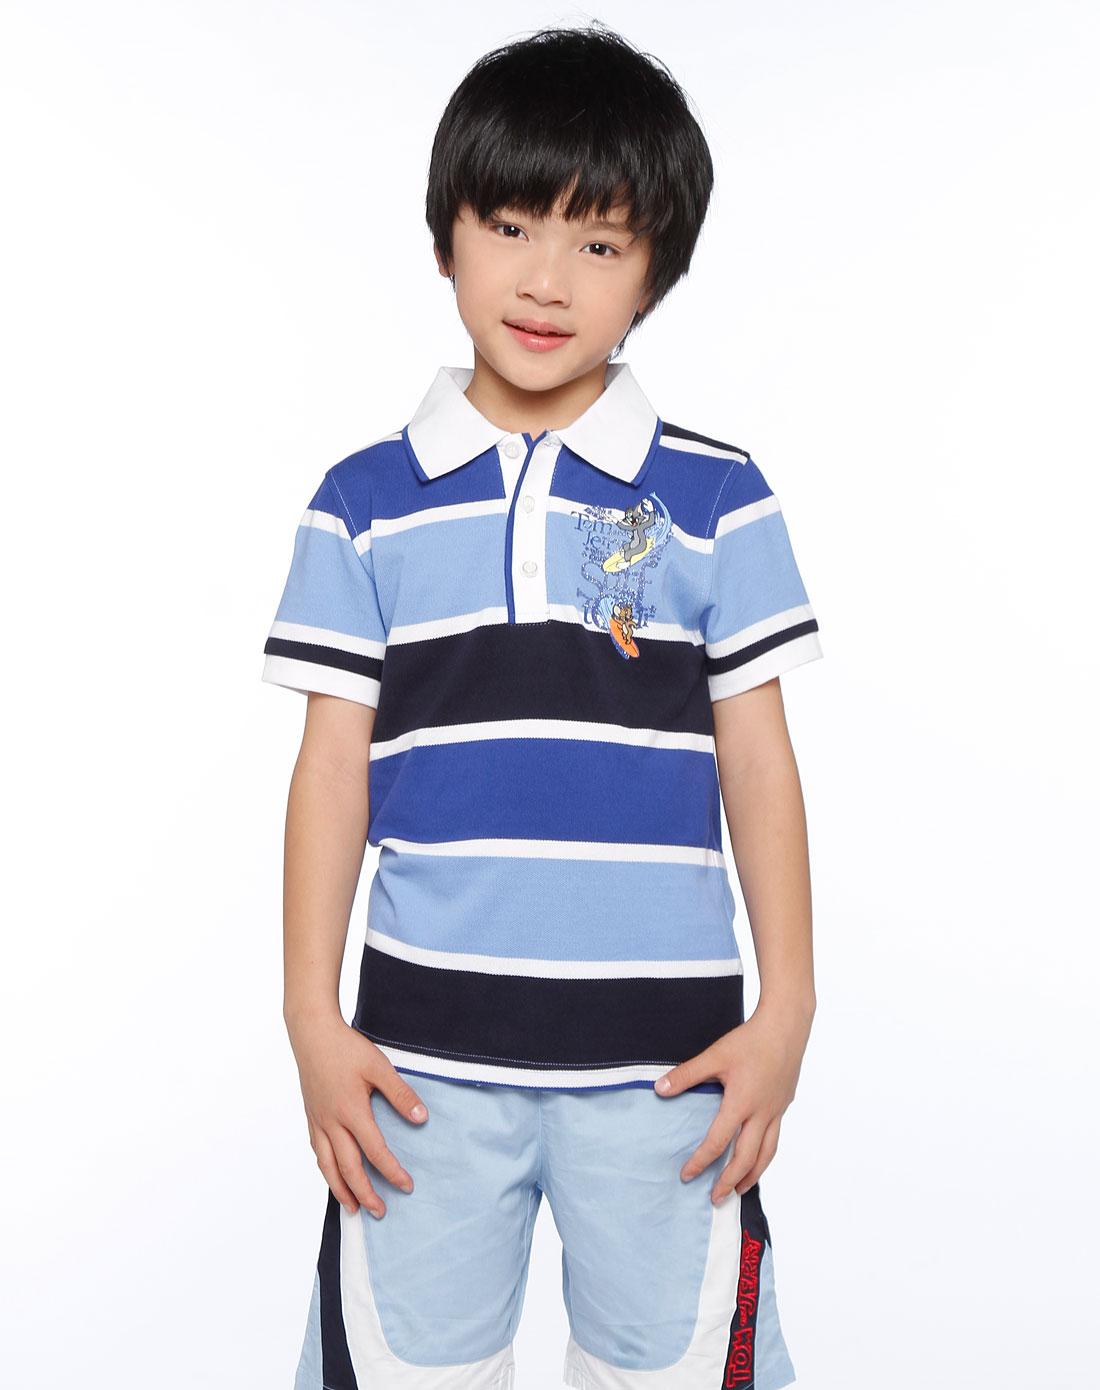 男童蓝/深蓝色条纹短袖t恤